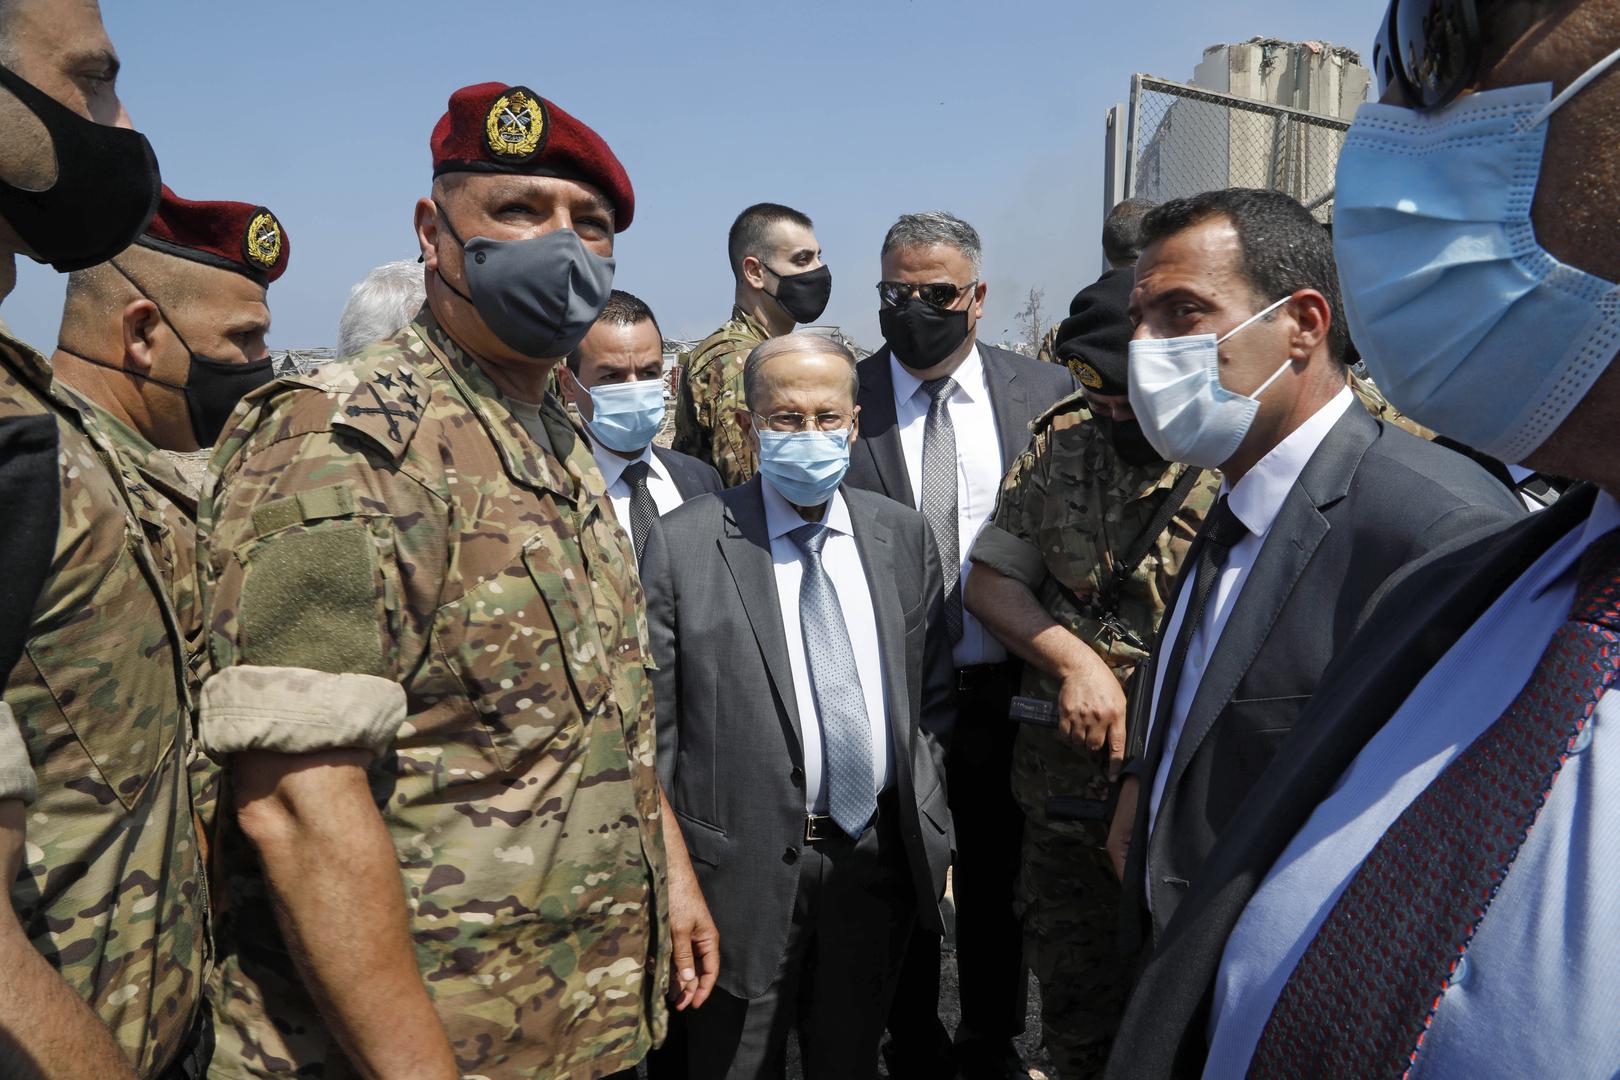 """ميشال عون: سبب انفجار بيروت لا يزال مجهولا وهناك احتمال """"تدخل أجنبي"""""""